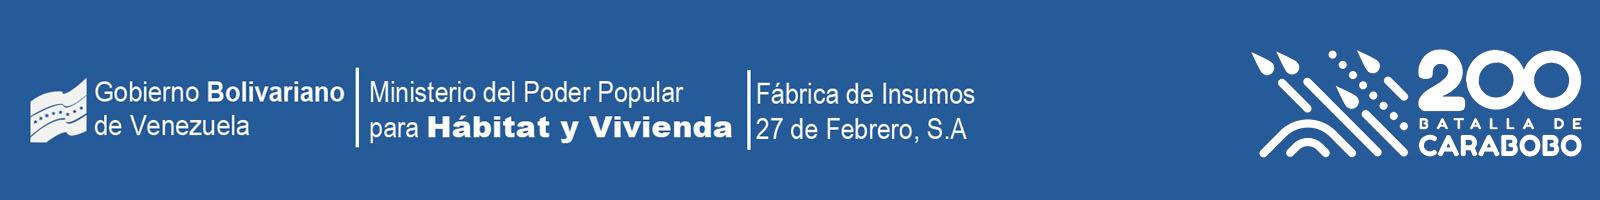 Fabrica de Insumos 27 de Febrero, S.A